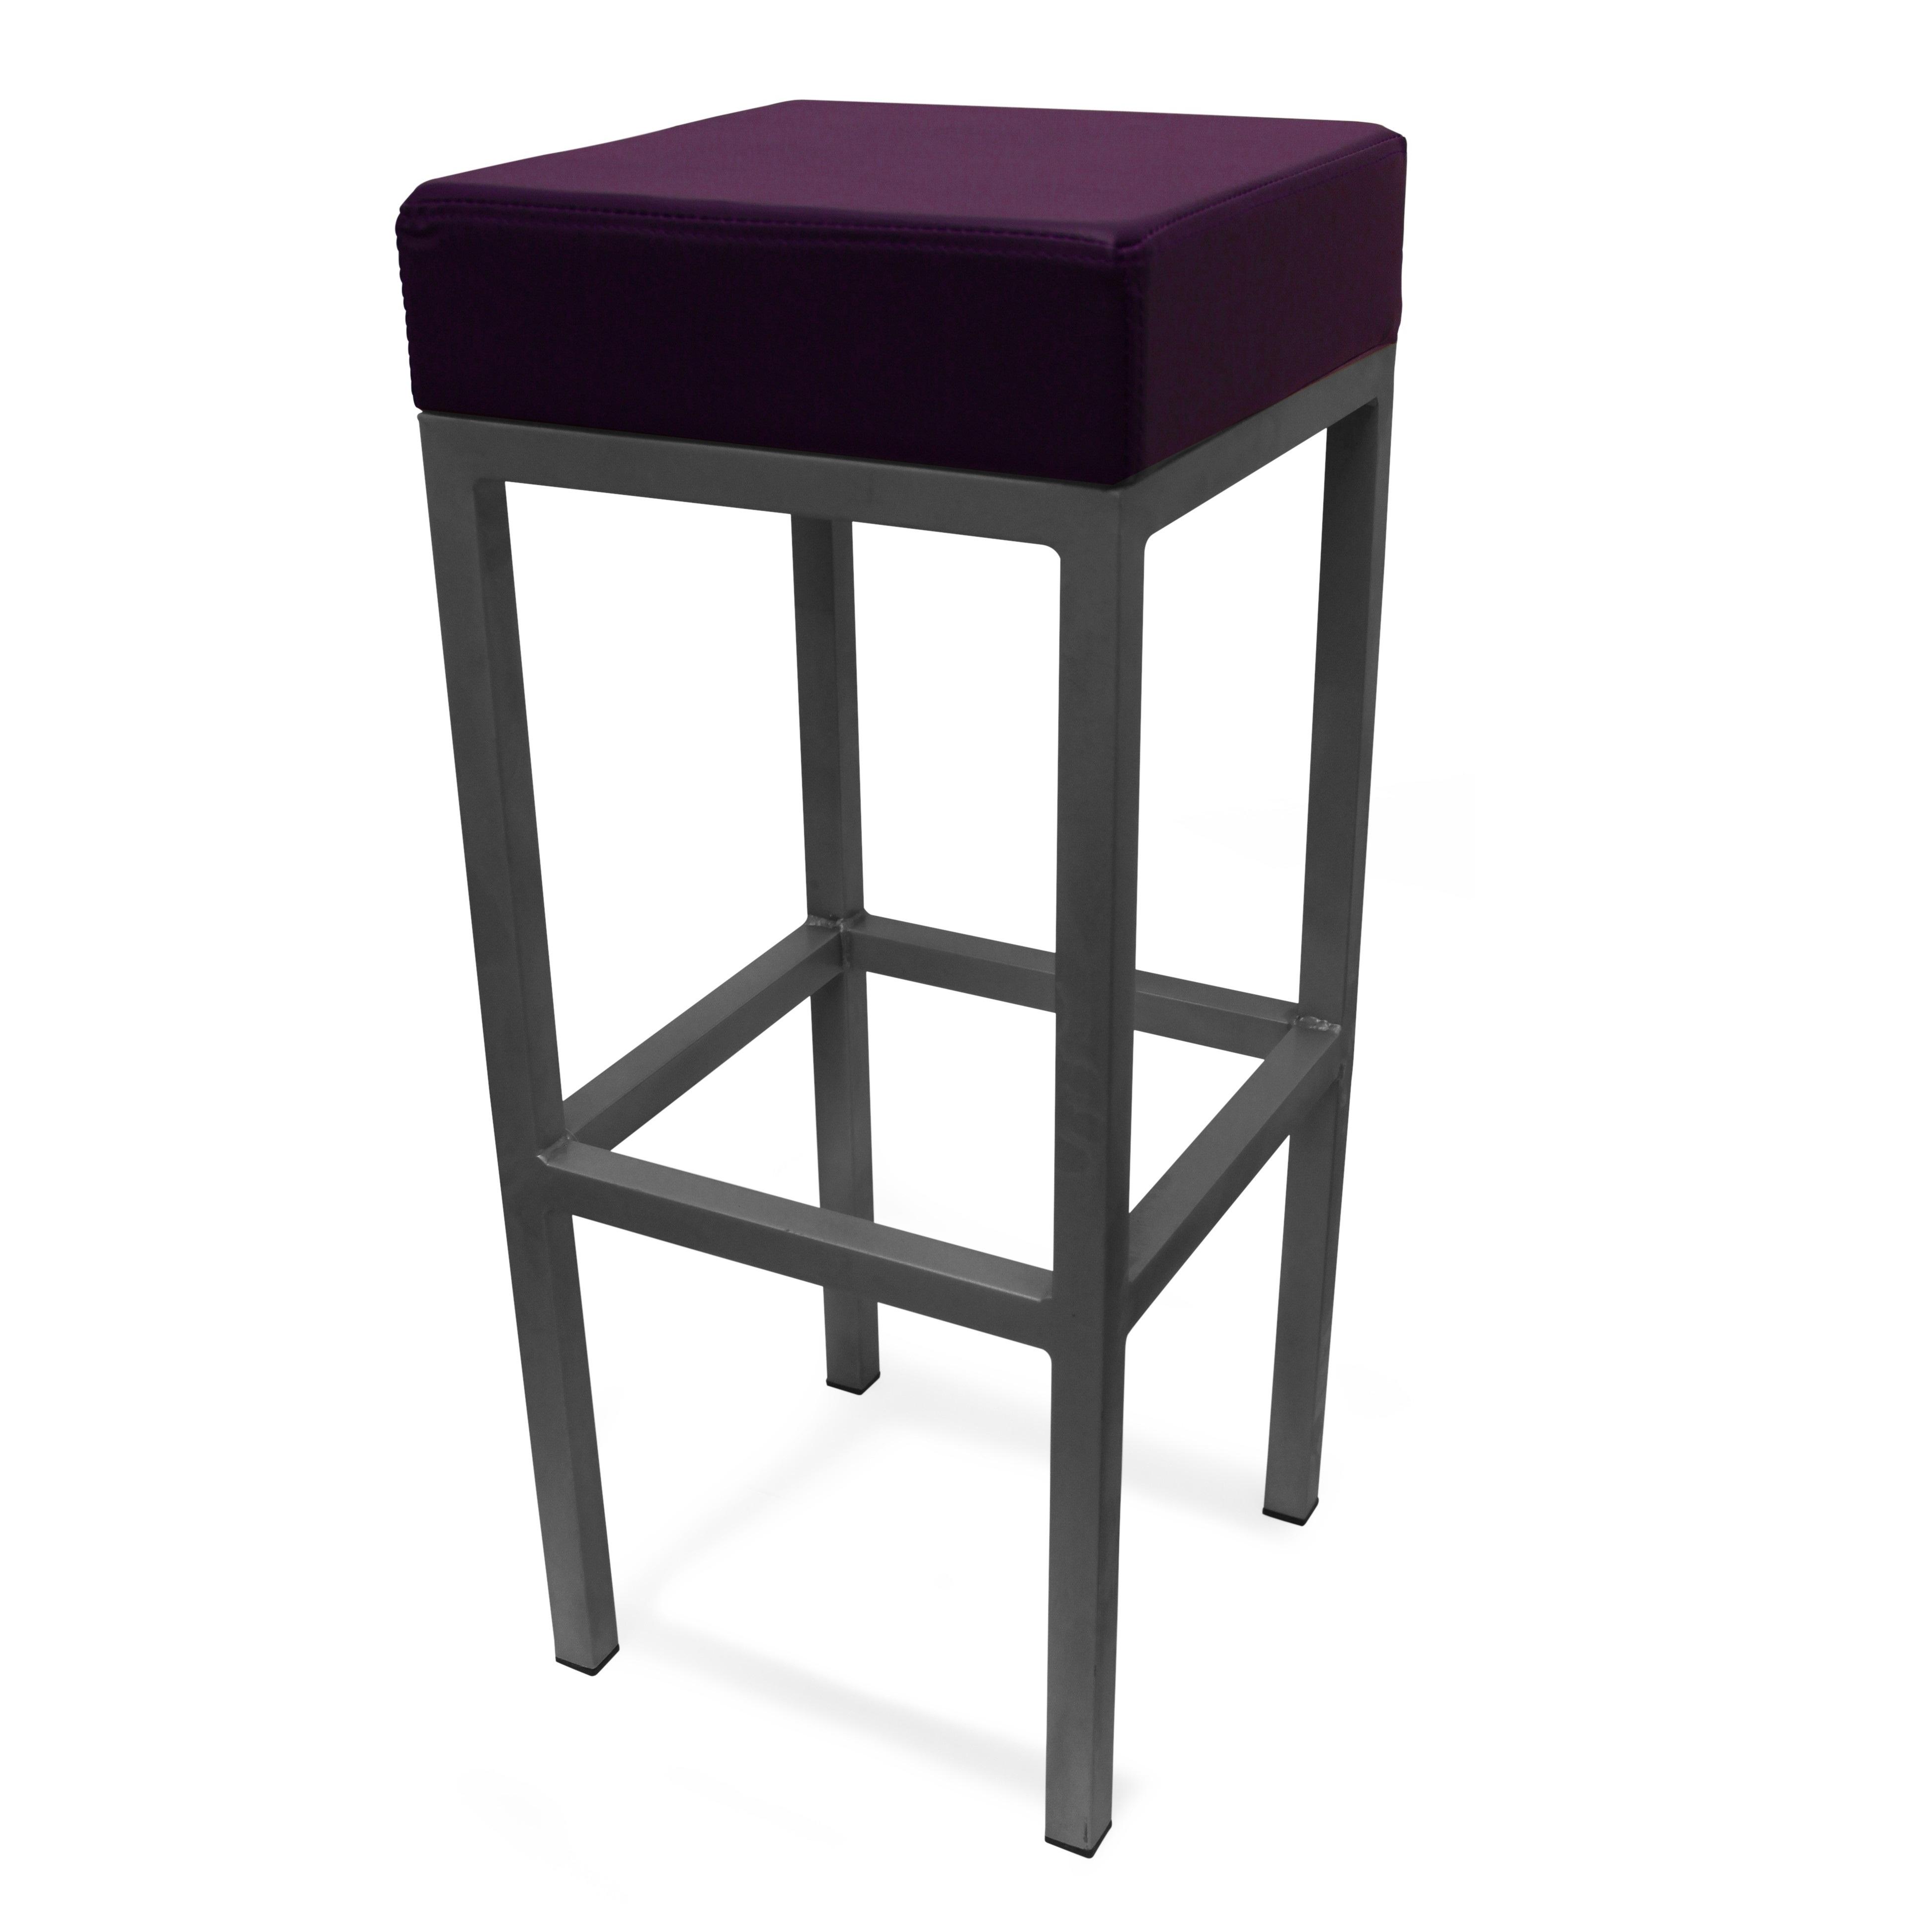 100 Purple Breakfast Bar Stools Pavia Breakfast Bar  : Cube20Bar20Stool purple from 45.76.66.238 size 3888 x 3888 jpeg 766kB